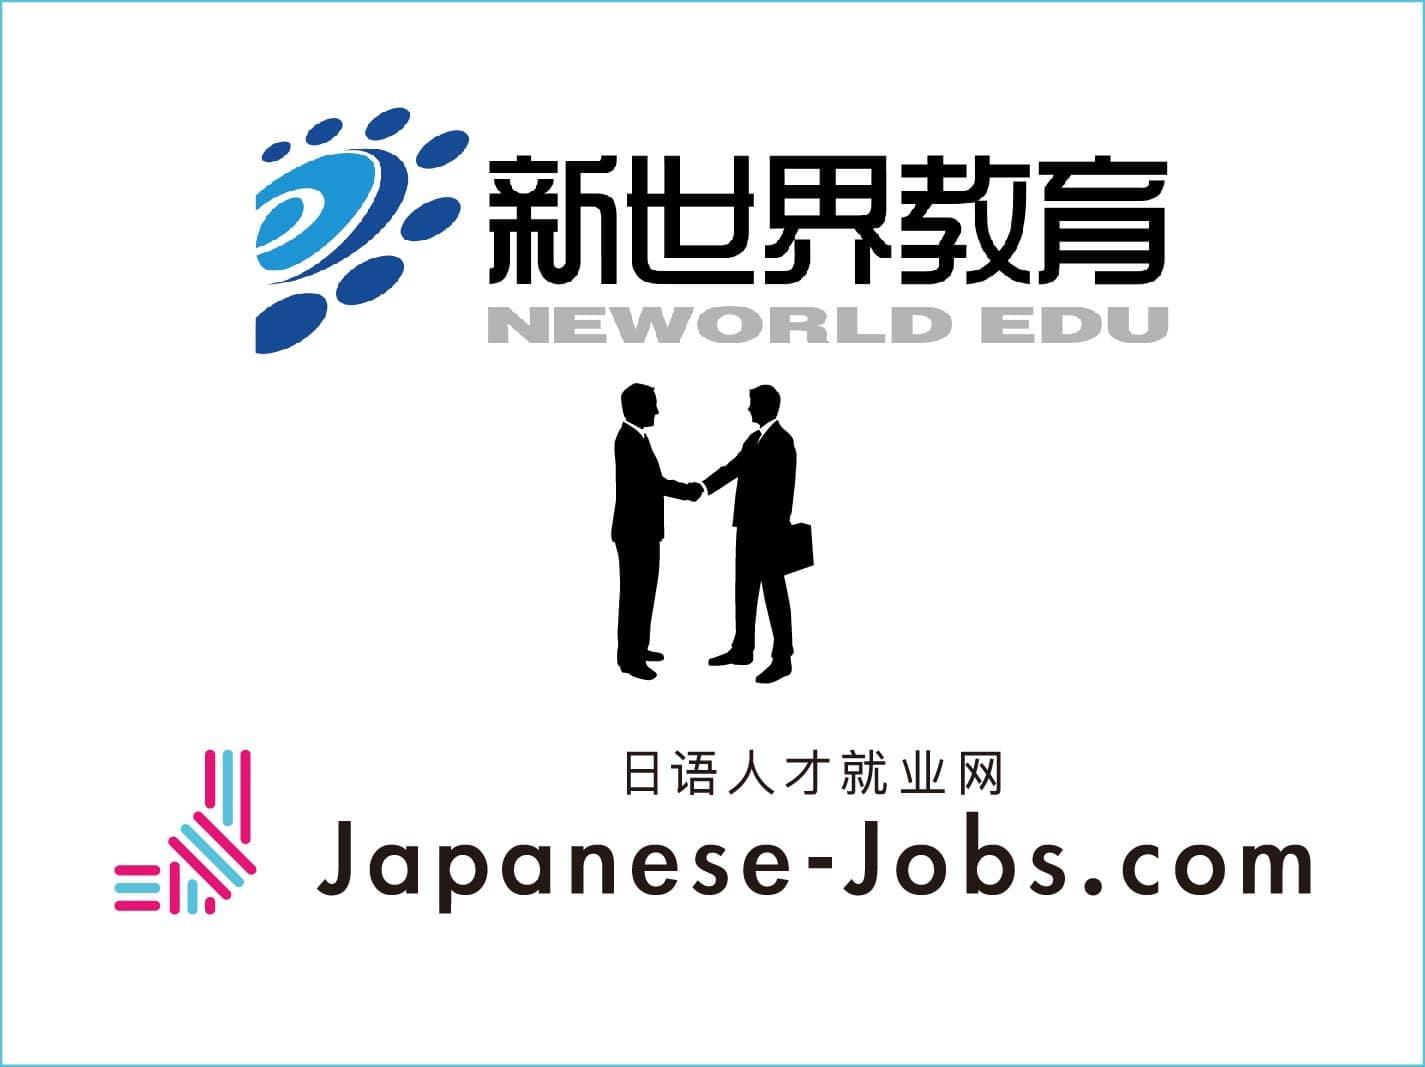 中国最大手語学教育会社:新世界教育グループとジャパニーズジョブズドットコムが、優秀な日本語人材の獲得に向けた業務提携を結びました。